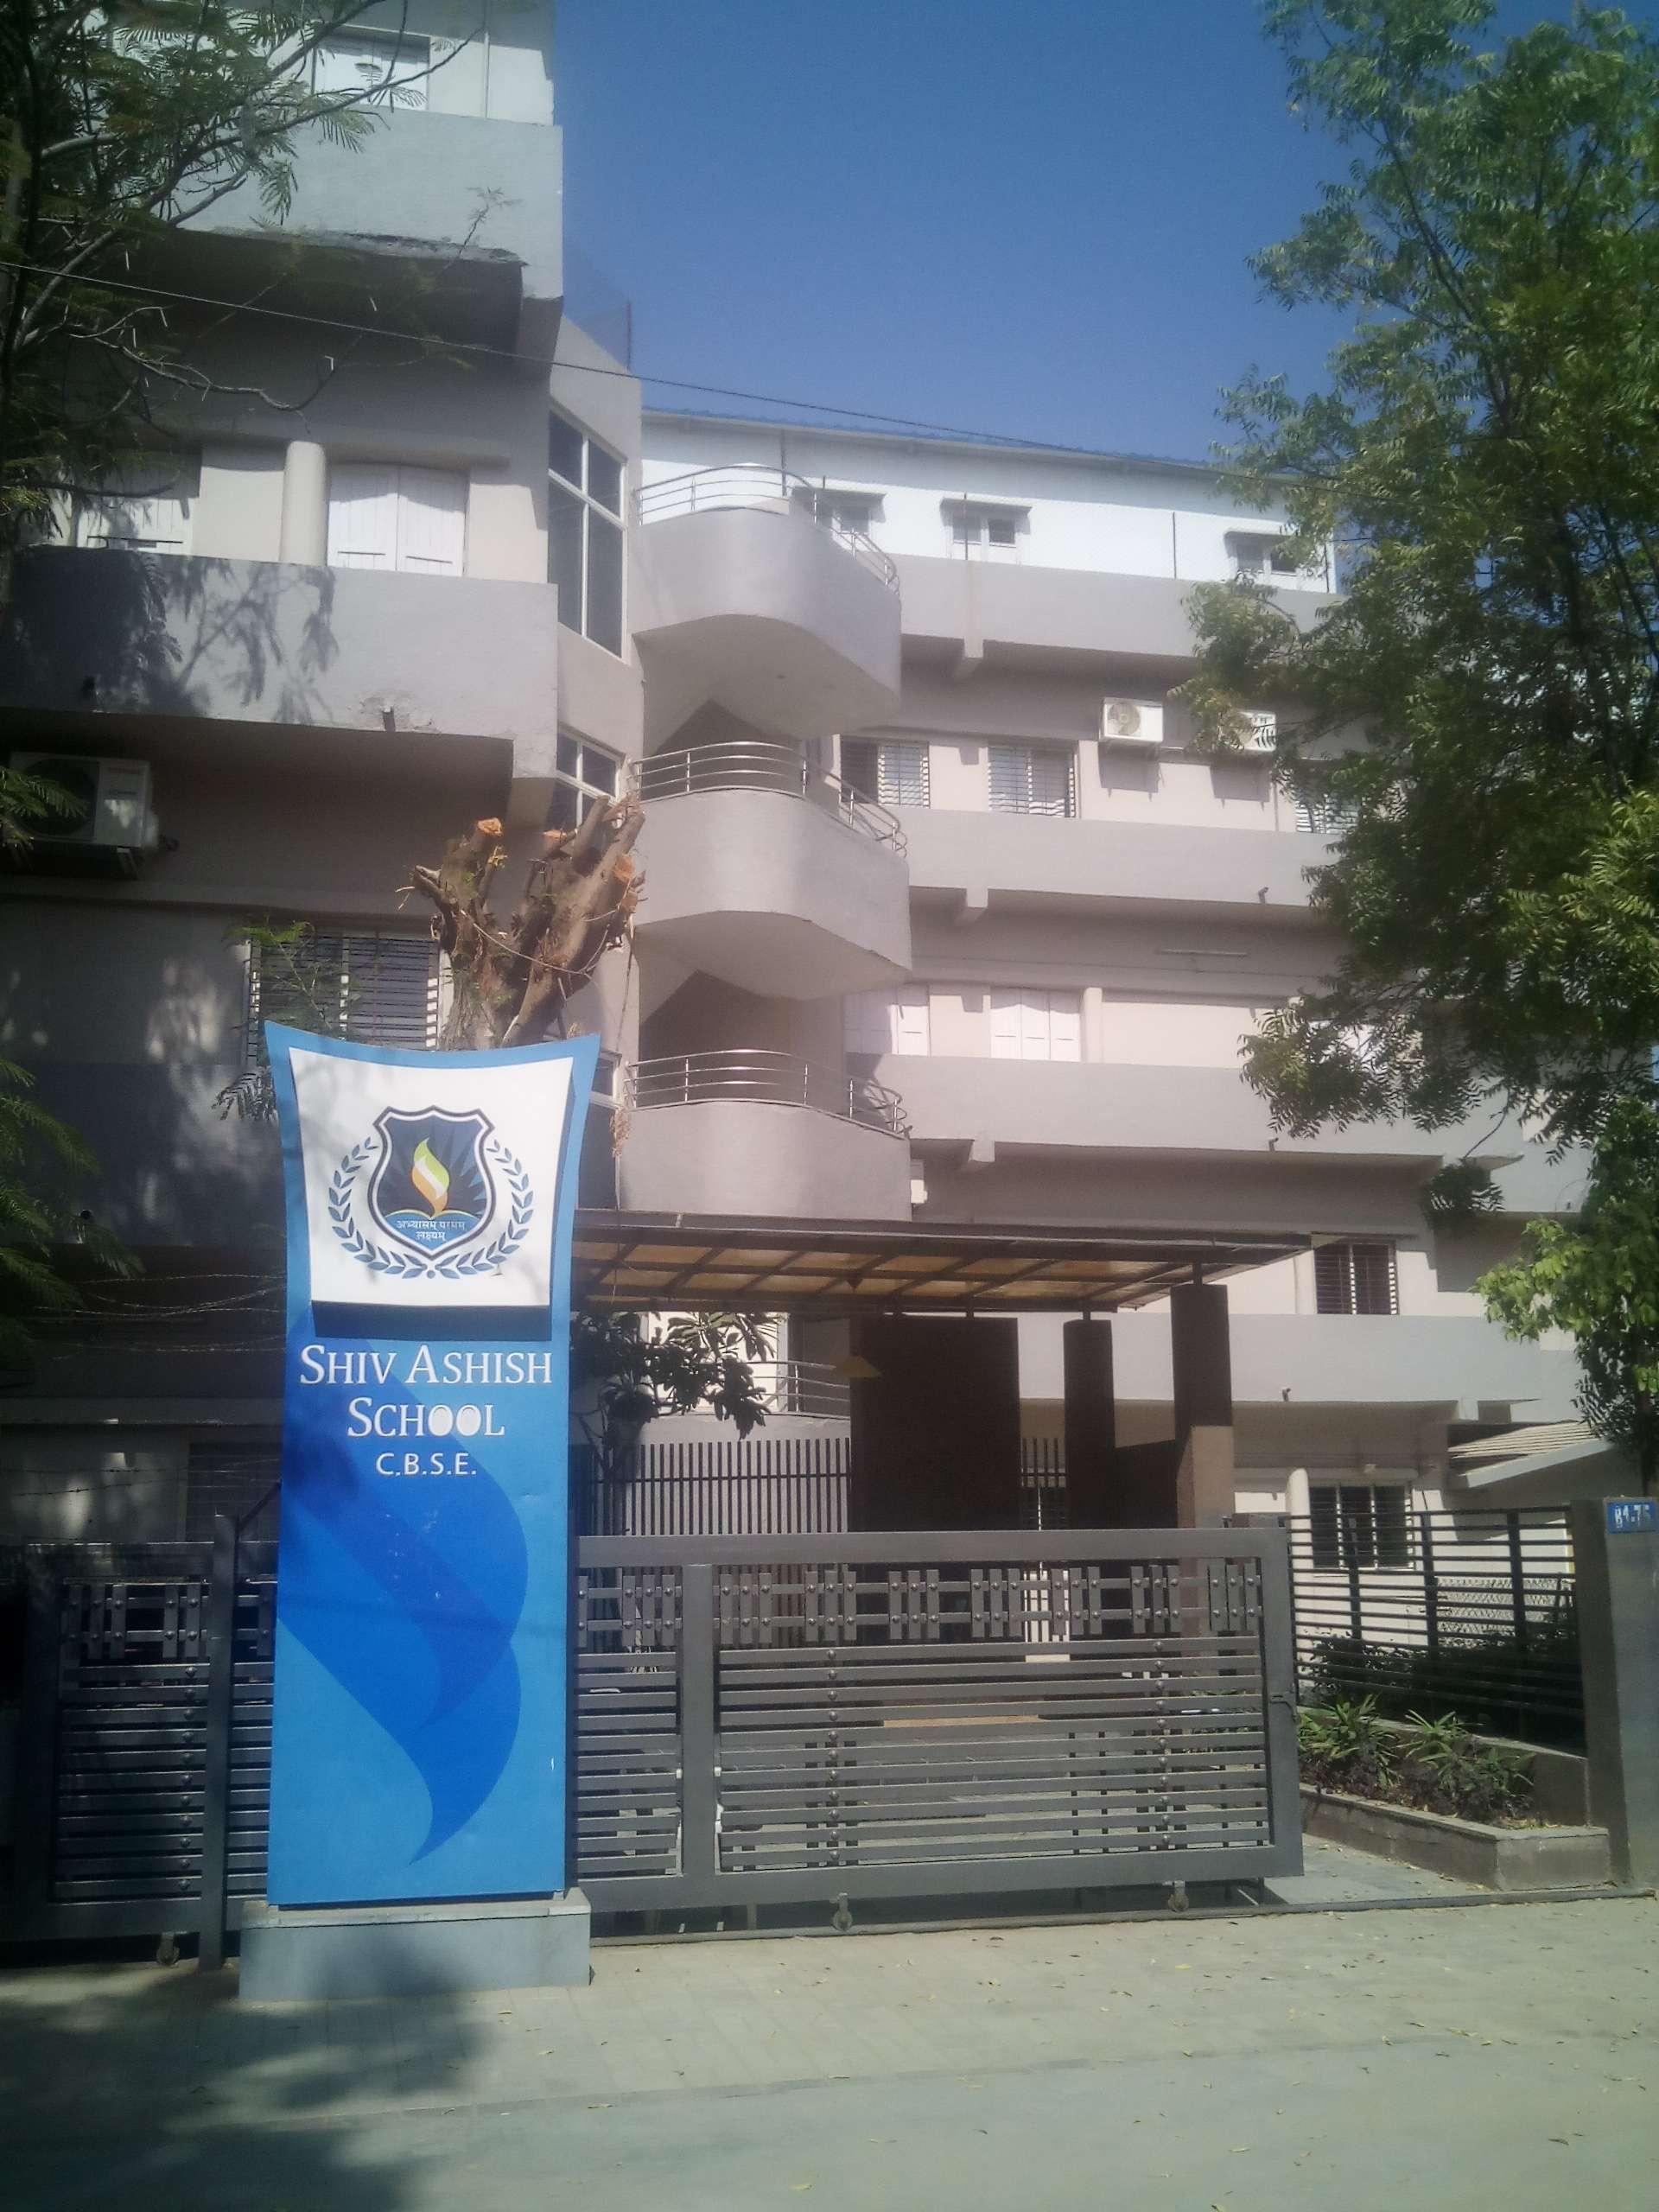 SHIV ASHISH SCHOOL AHMEDABAD GUJARAT 430207